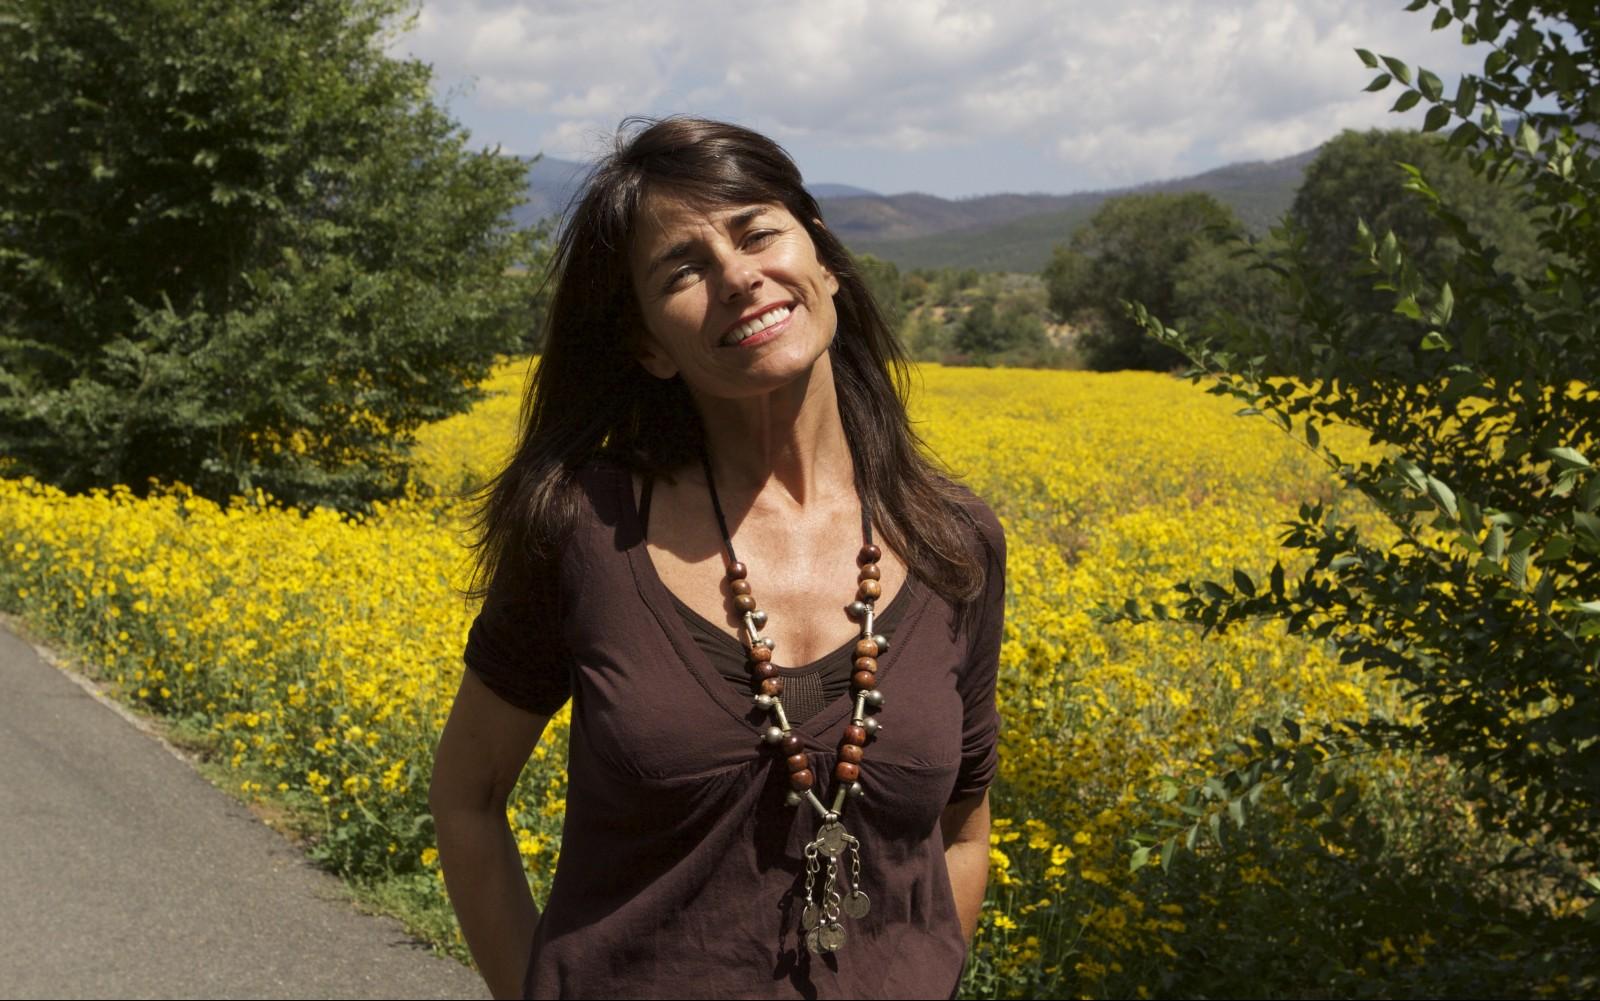 Louise Lowry, Taos, New Mexico. photo by Wm. Stetz